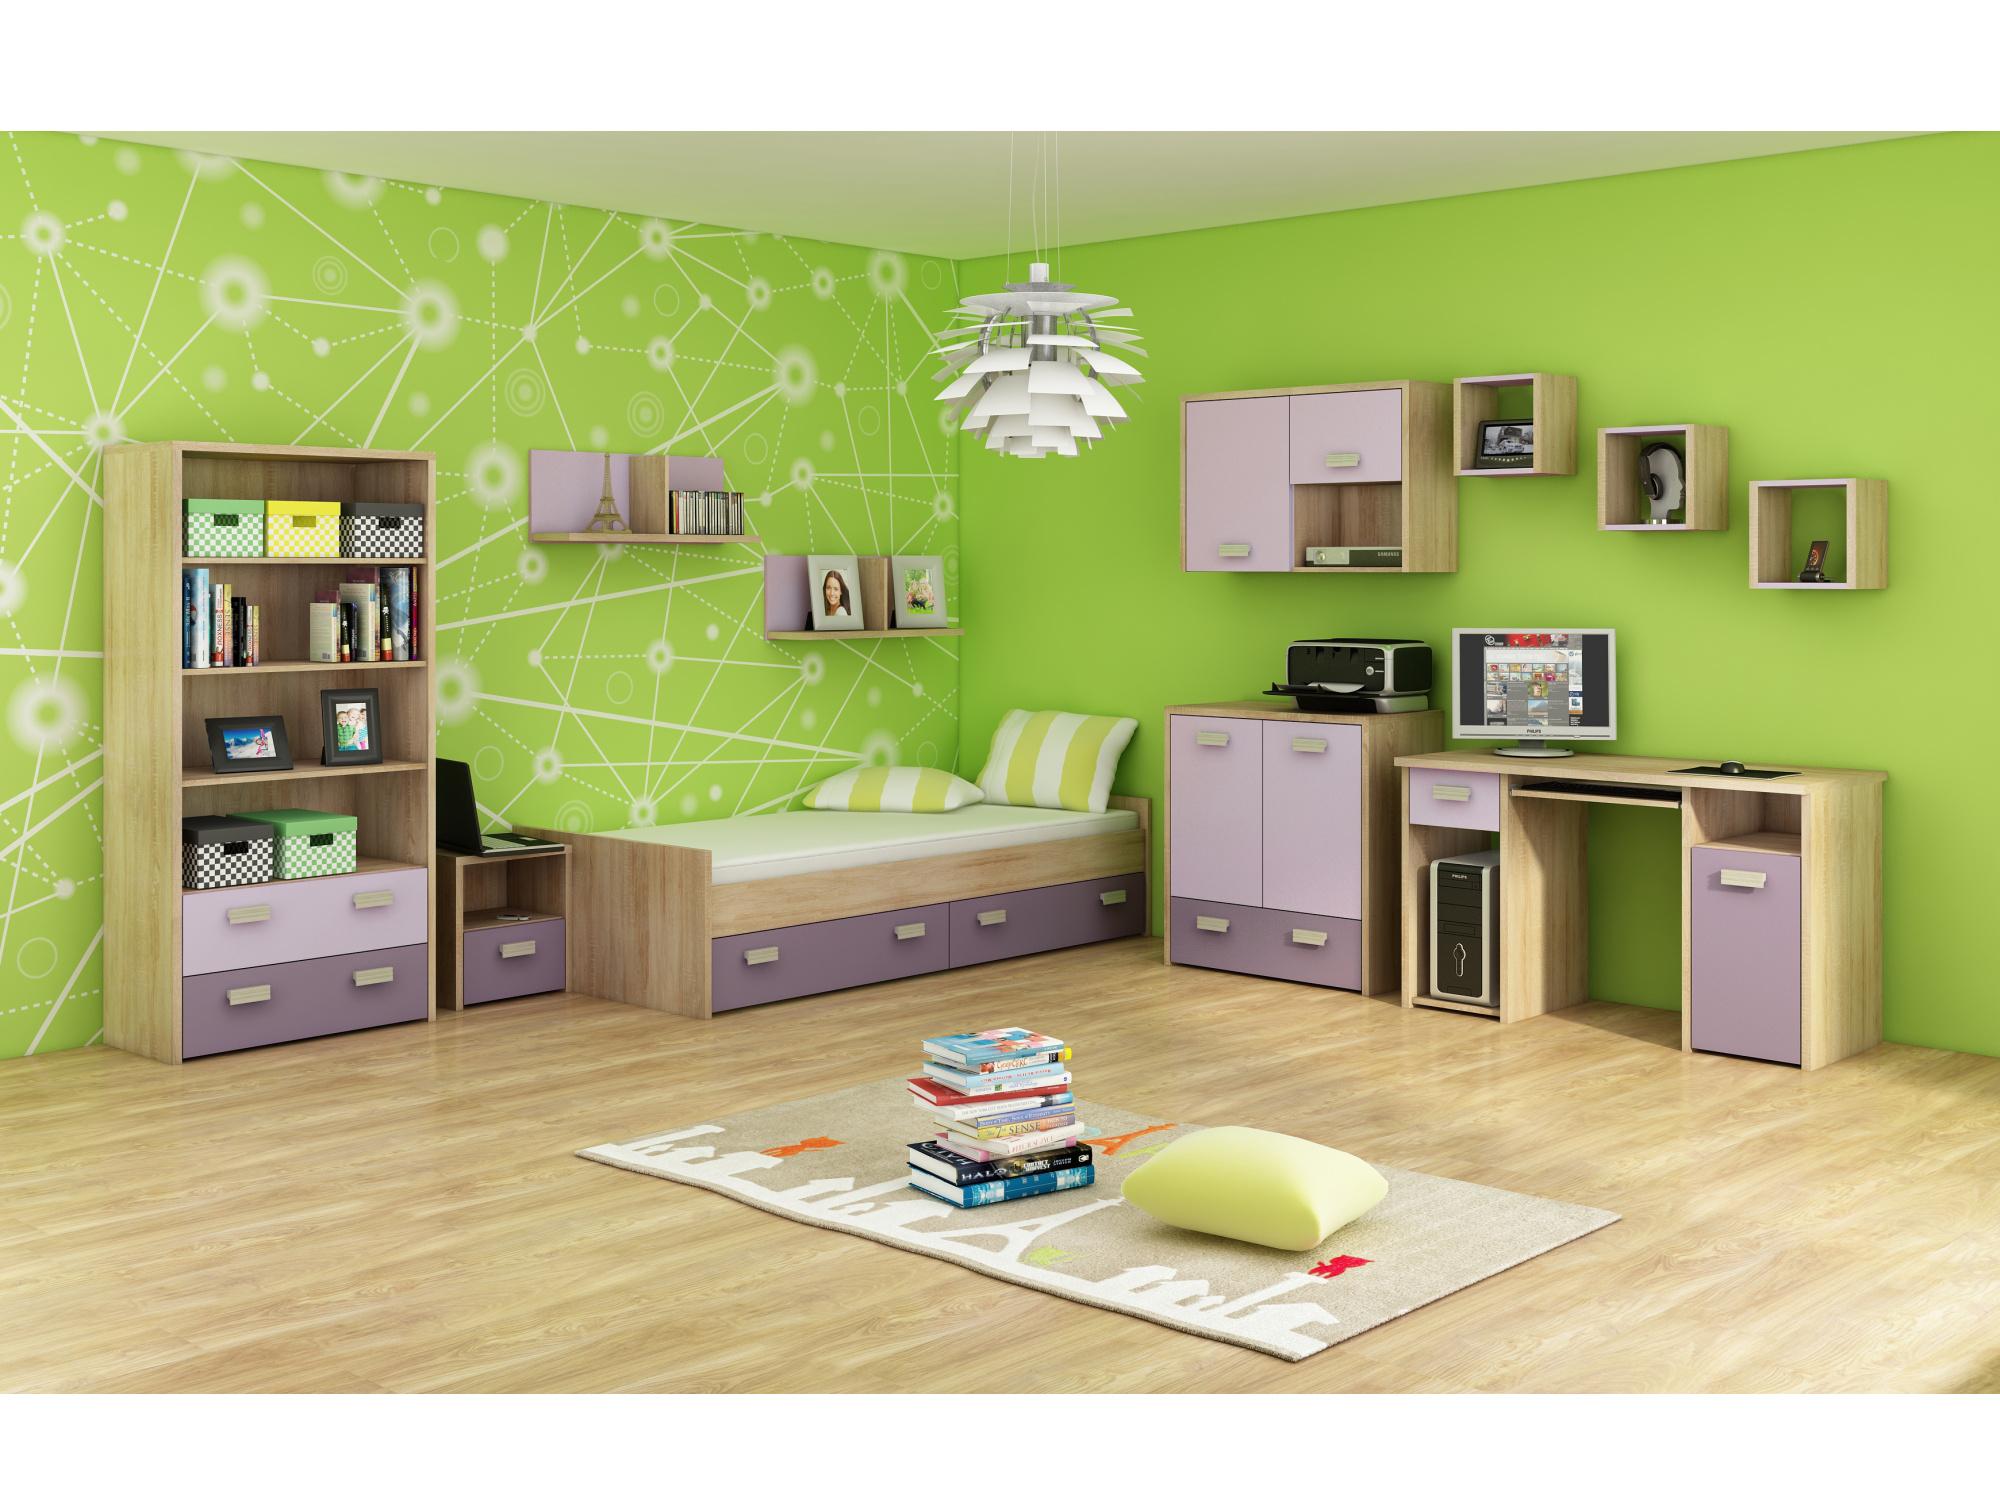 MORAVIA FLAT Dětský pokoj KITTY 3, barva: ...